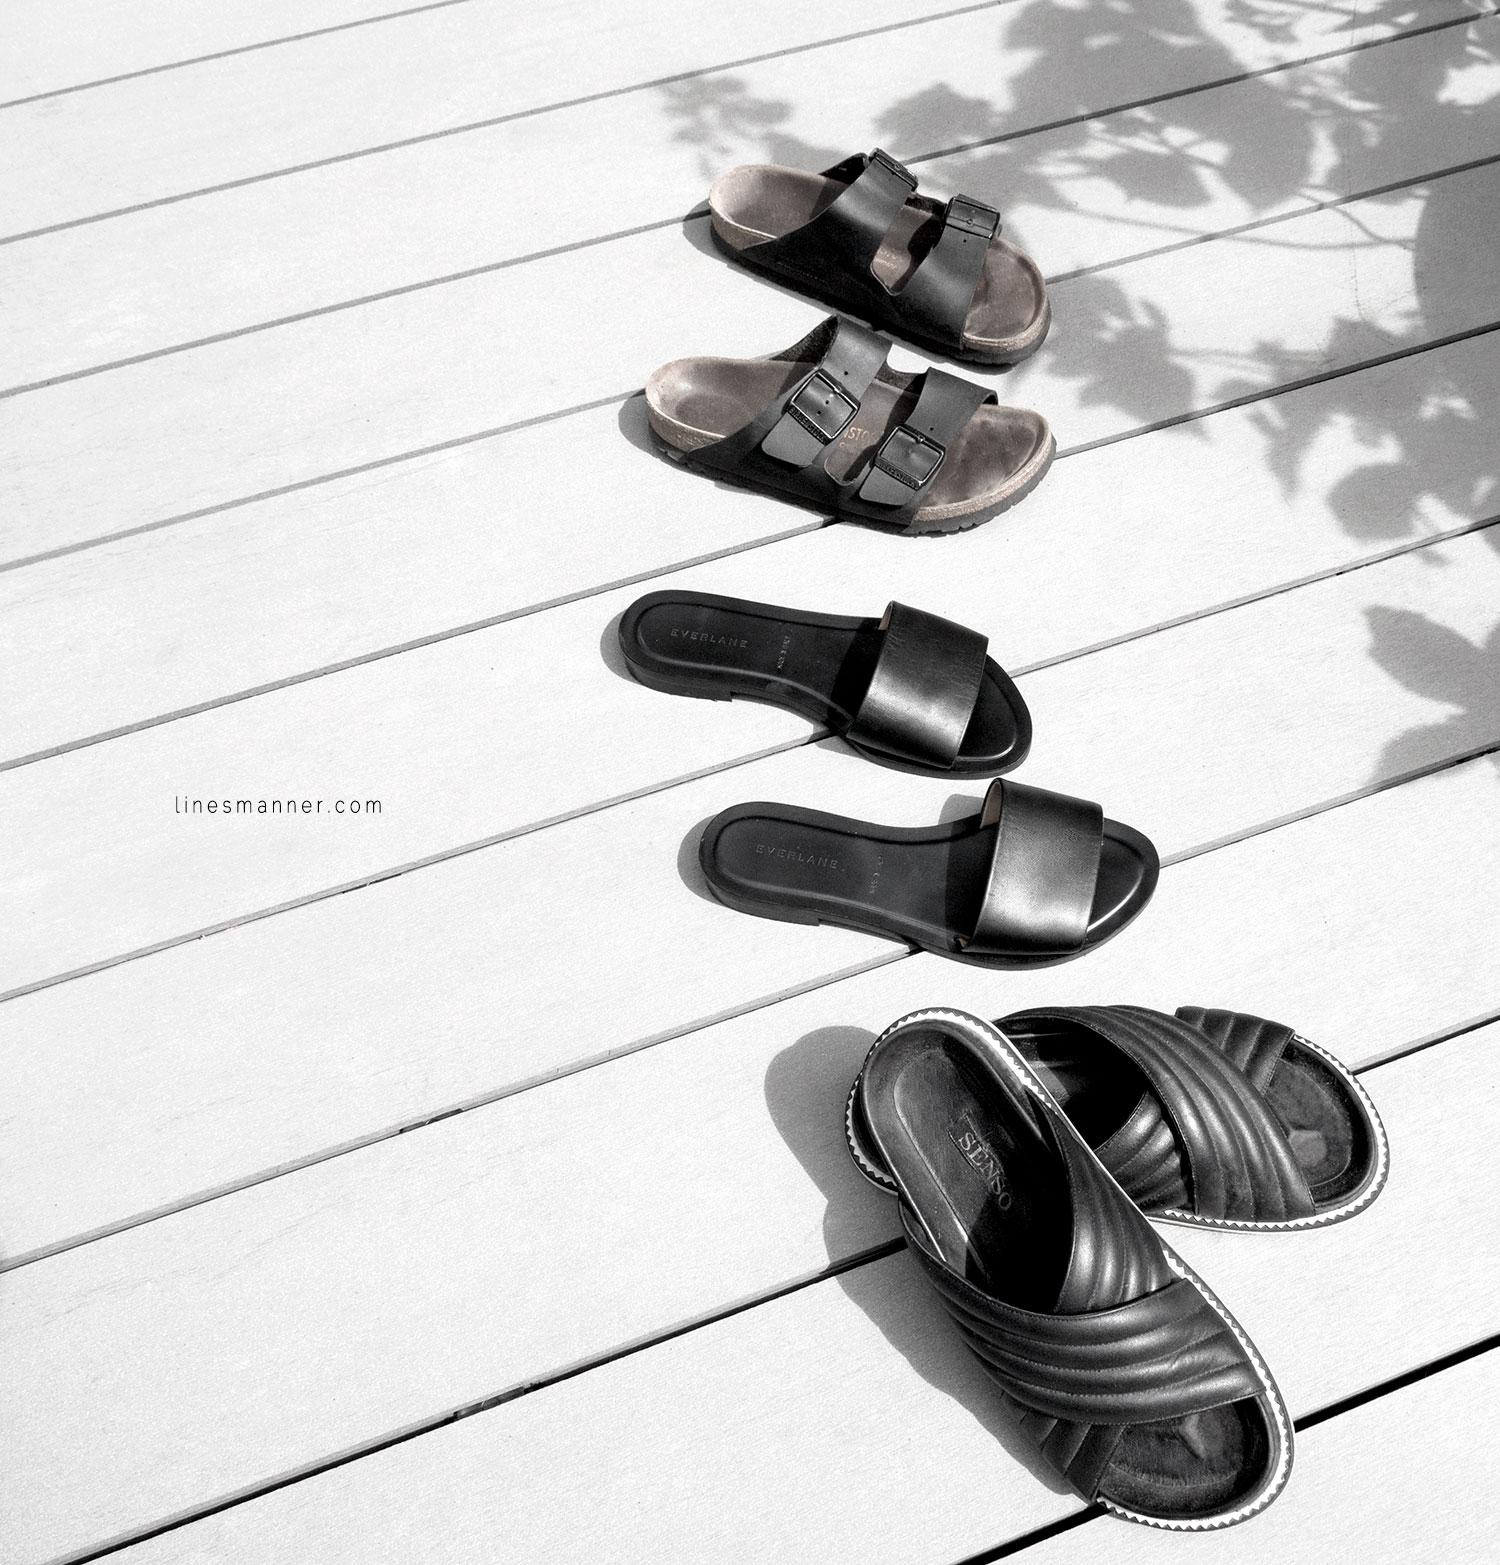 Lines-Manner-Summer-Shoes-Slides-Black-Leather-Minimal-Off_Duty-Senso_Everlane-Birkenstock-Essentials-Situation-2